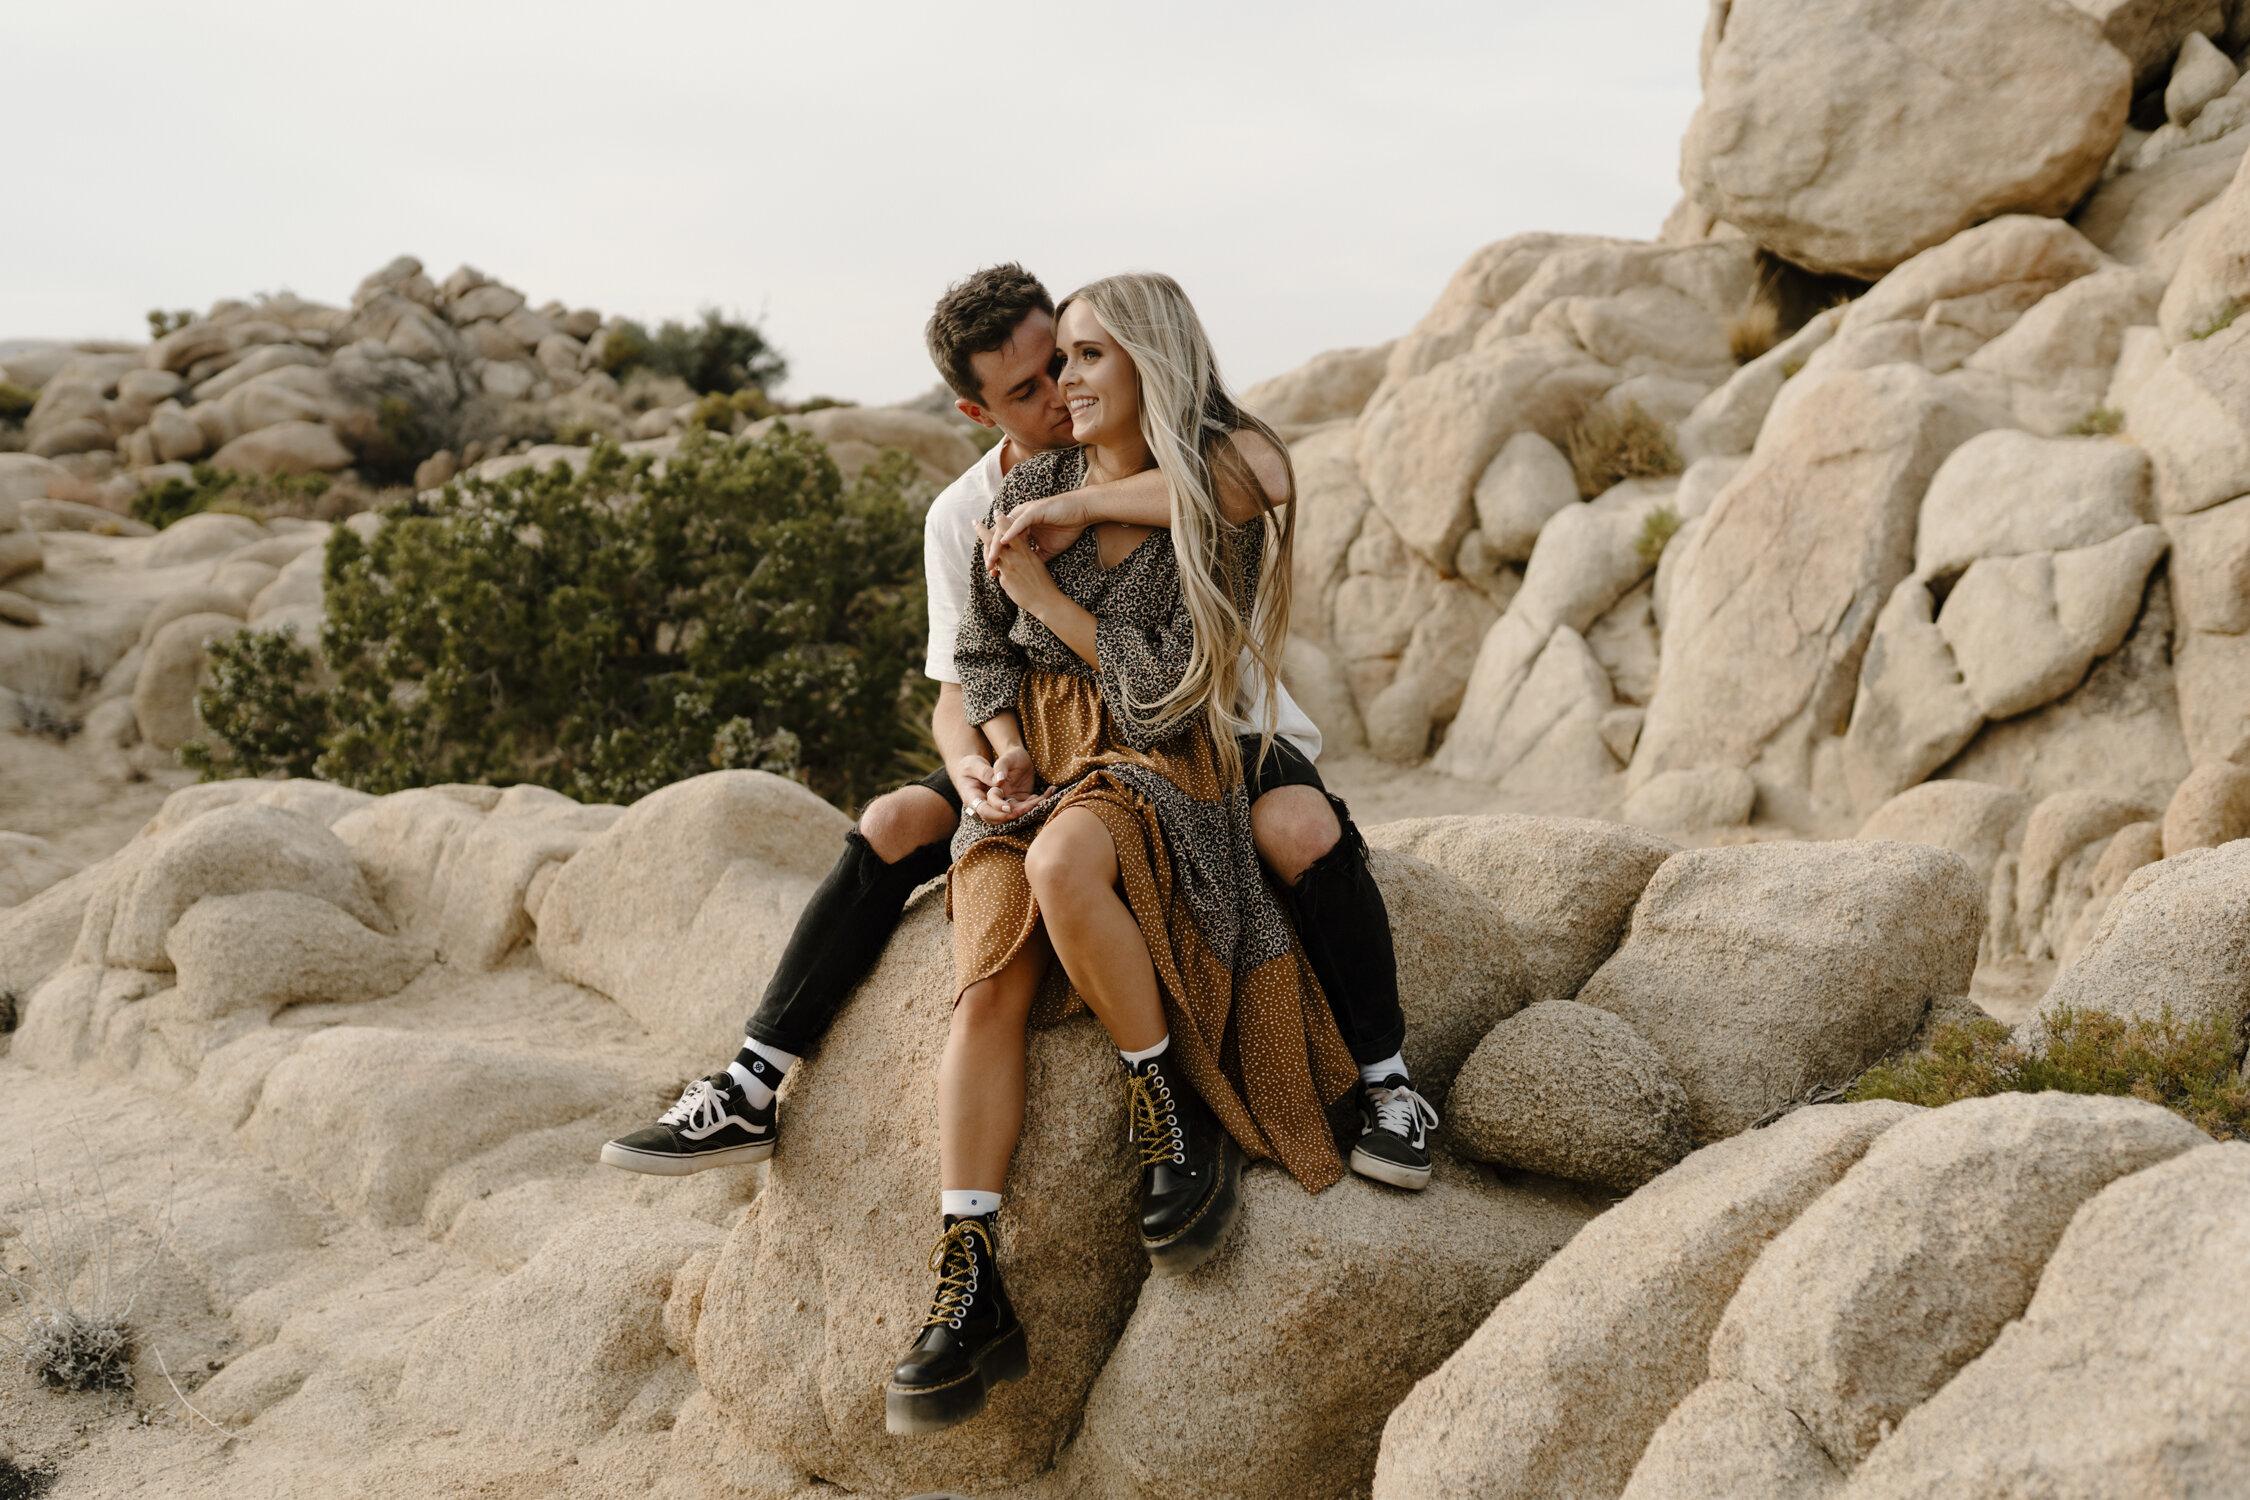 Intimate E-Session at Joshua Tree, California by Kayli LaFon Photography